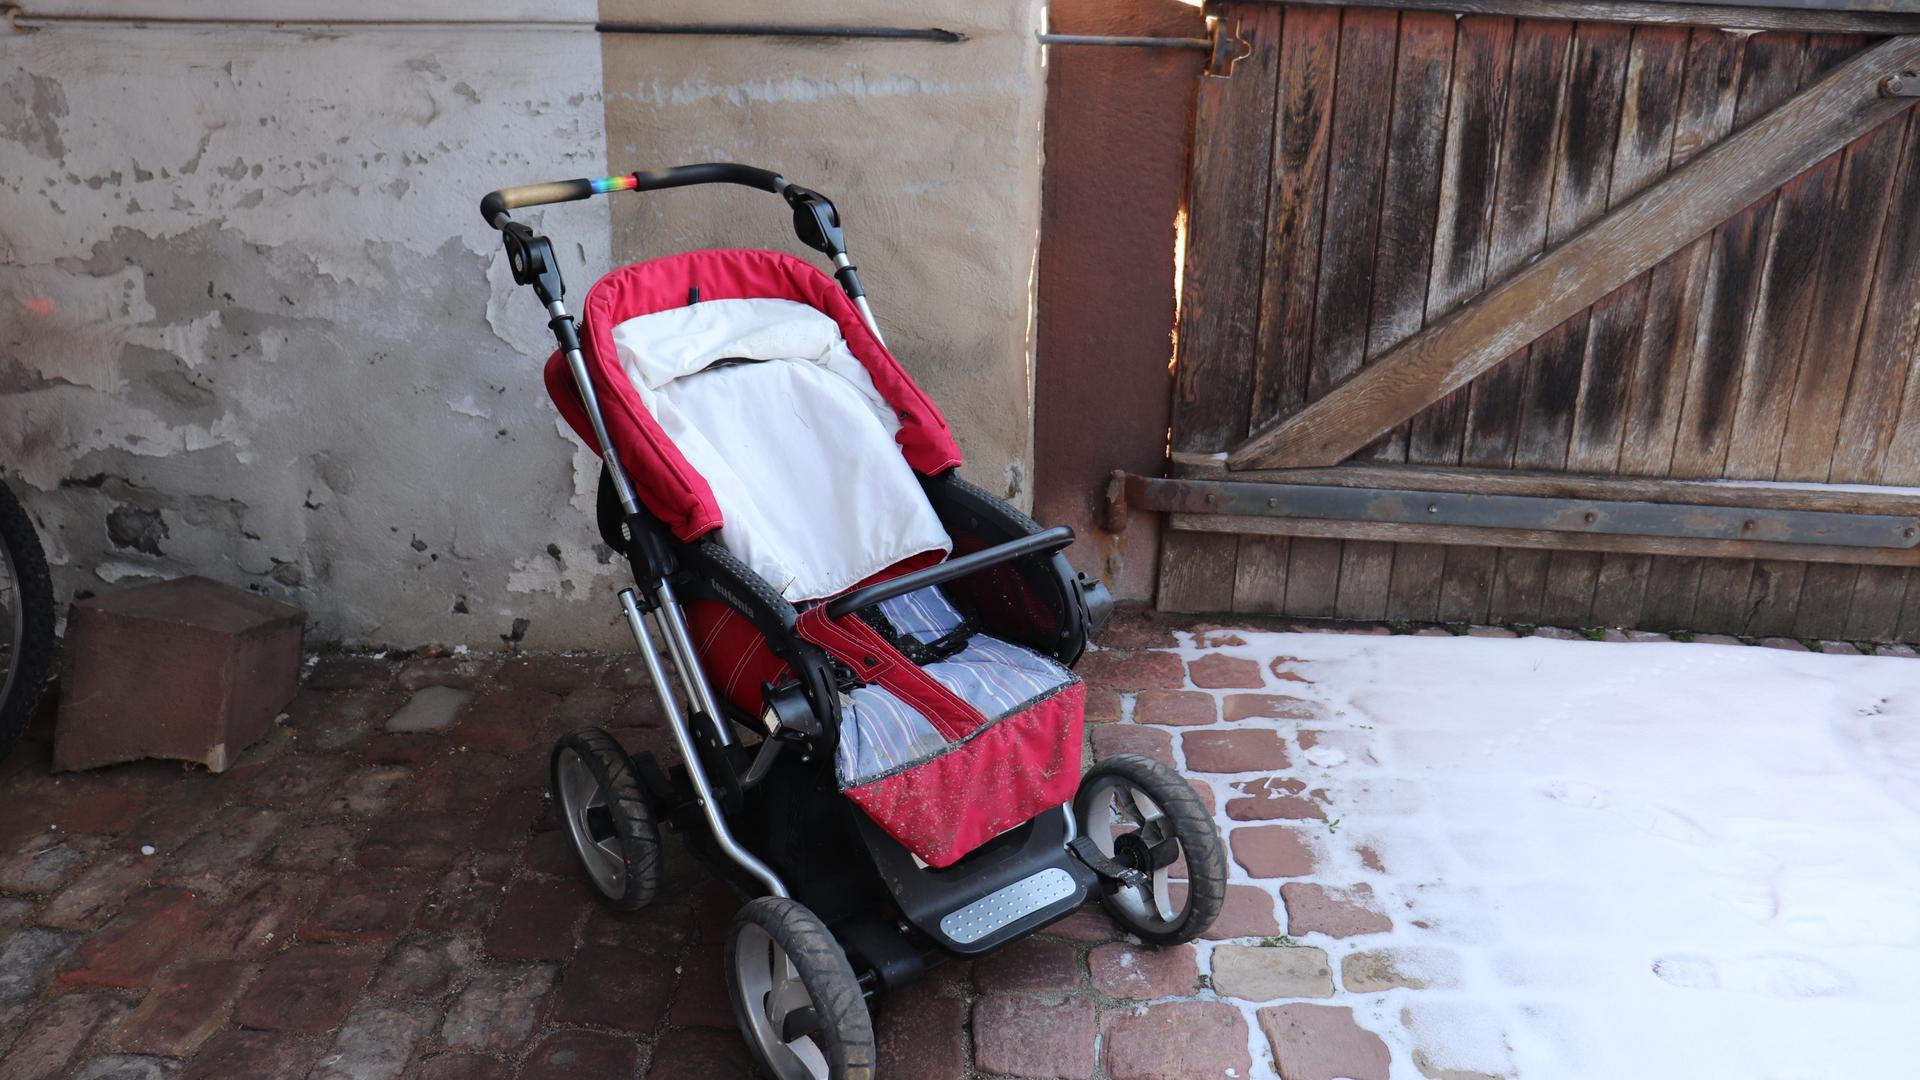 Roter Kinderwagen in einem Innenhof